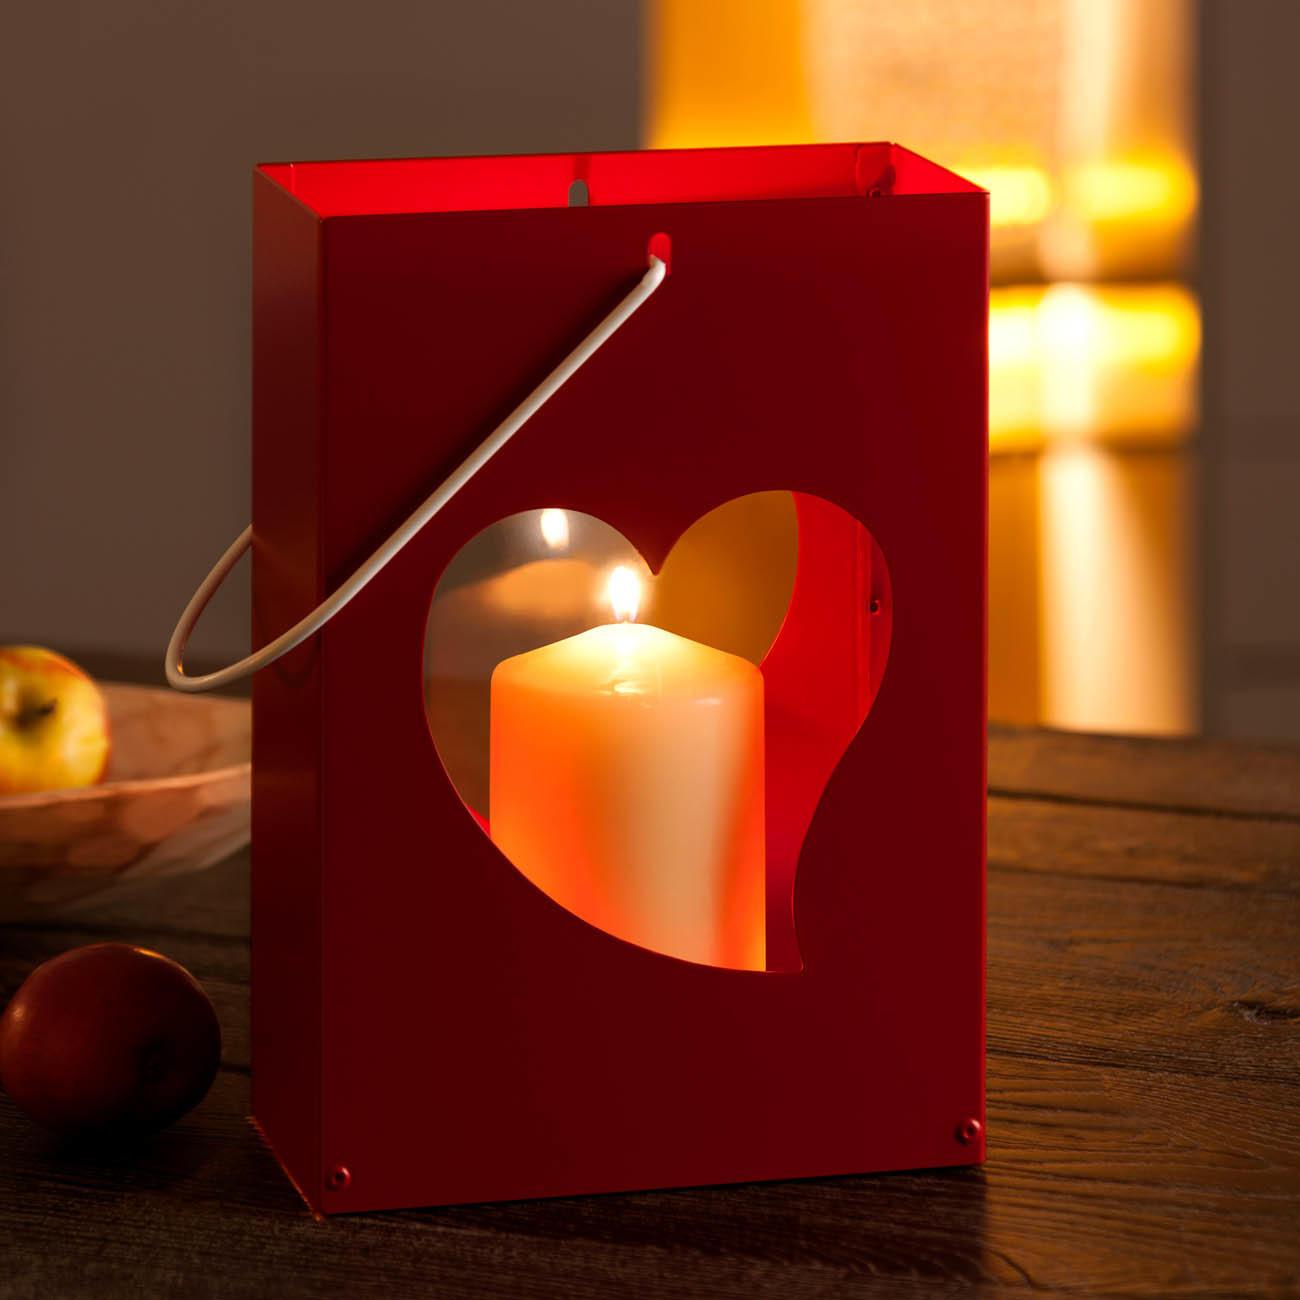 Hübsch Romantisches Schlafzimmer Mit Kerzen Fotos >> Romantisches ...